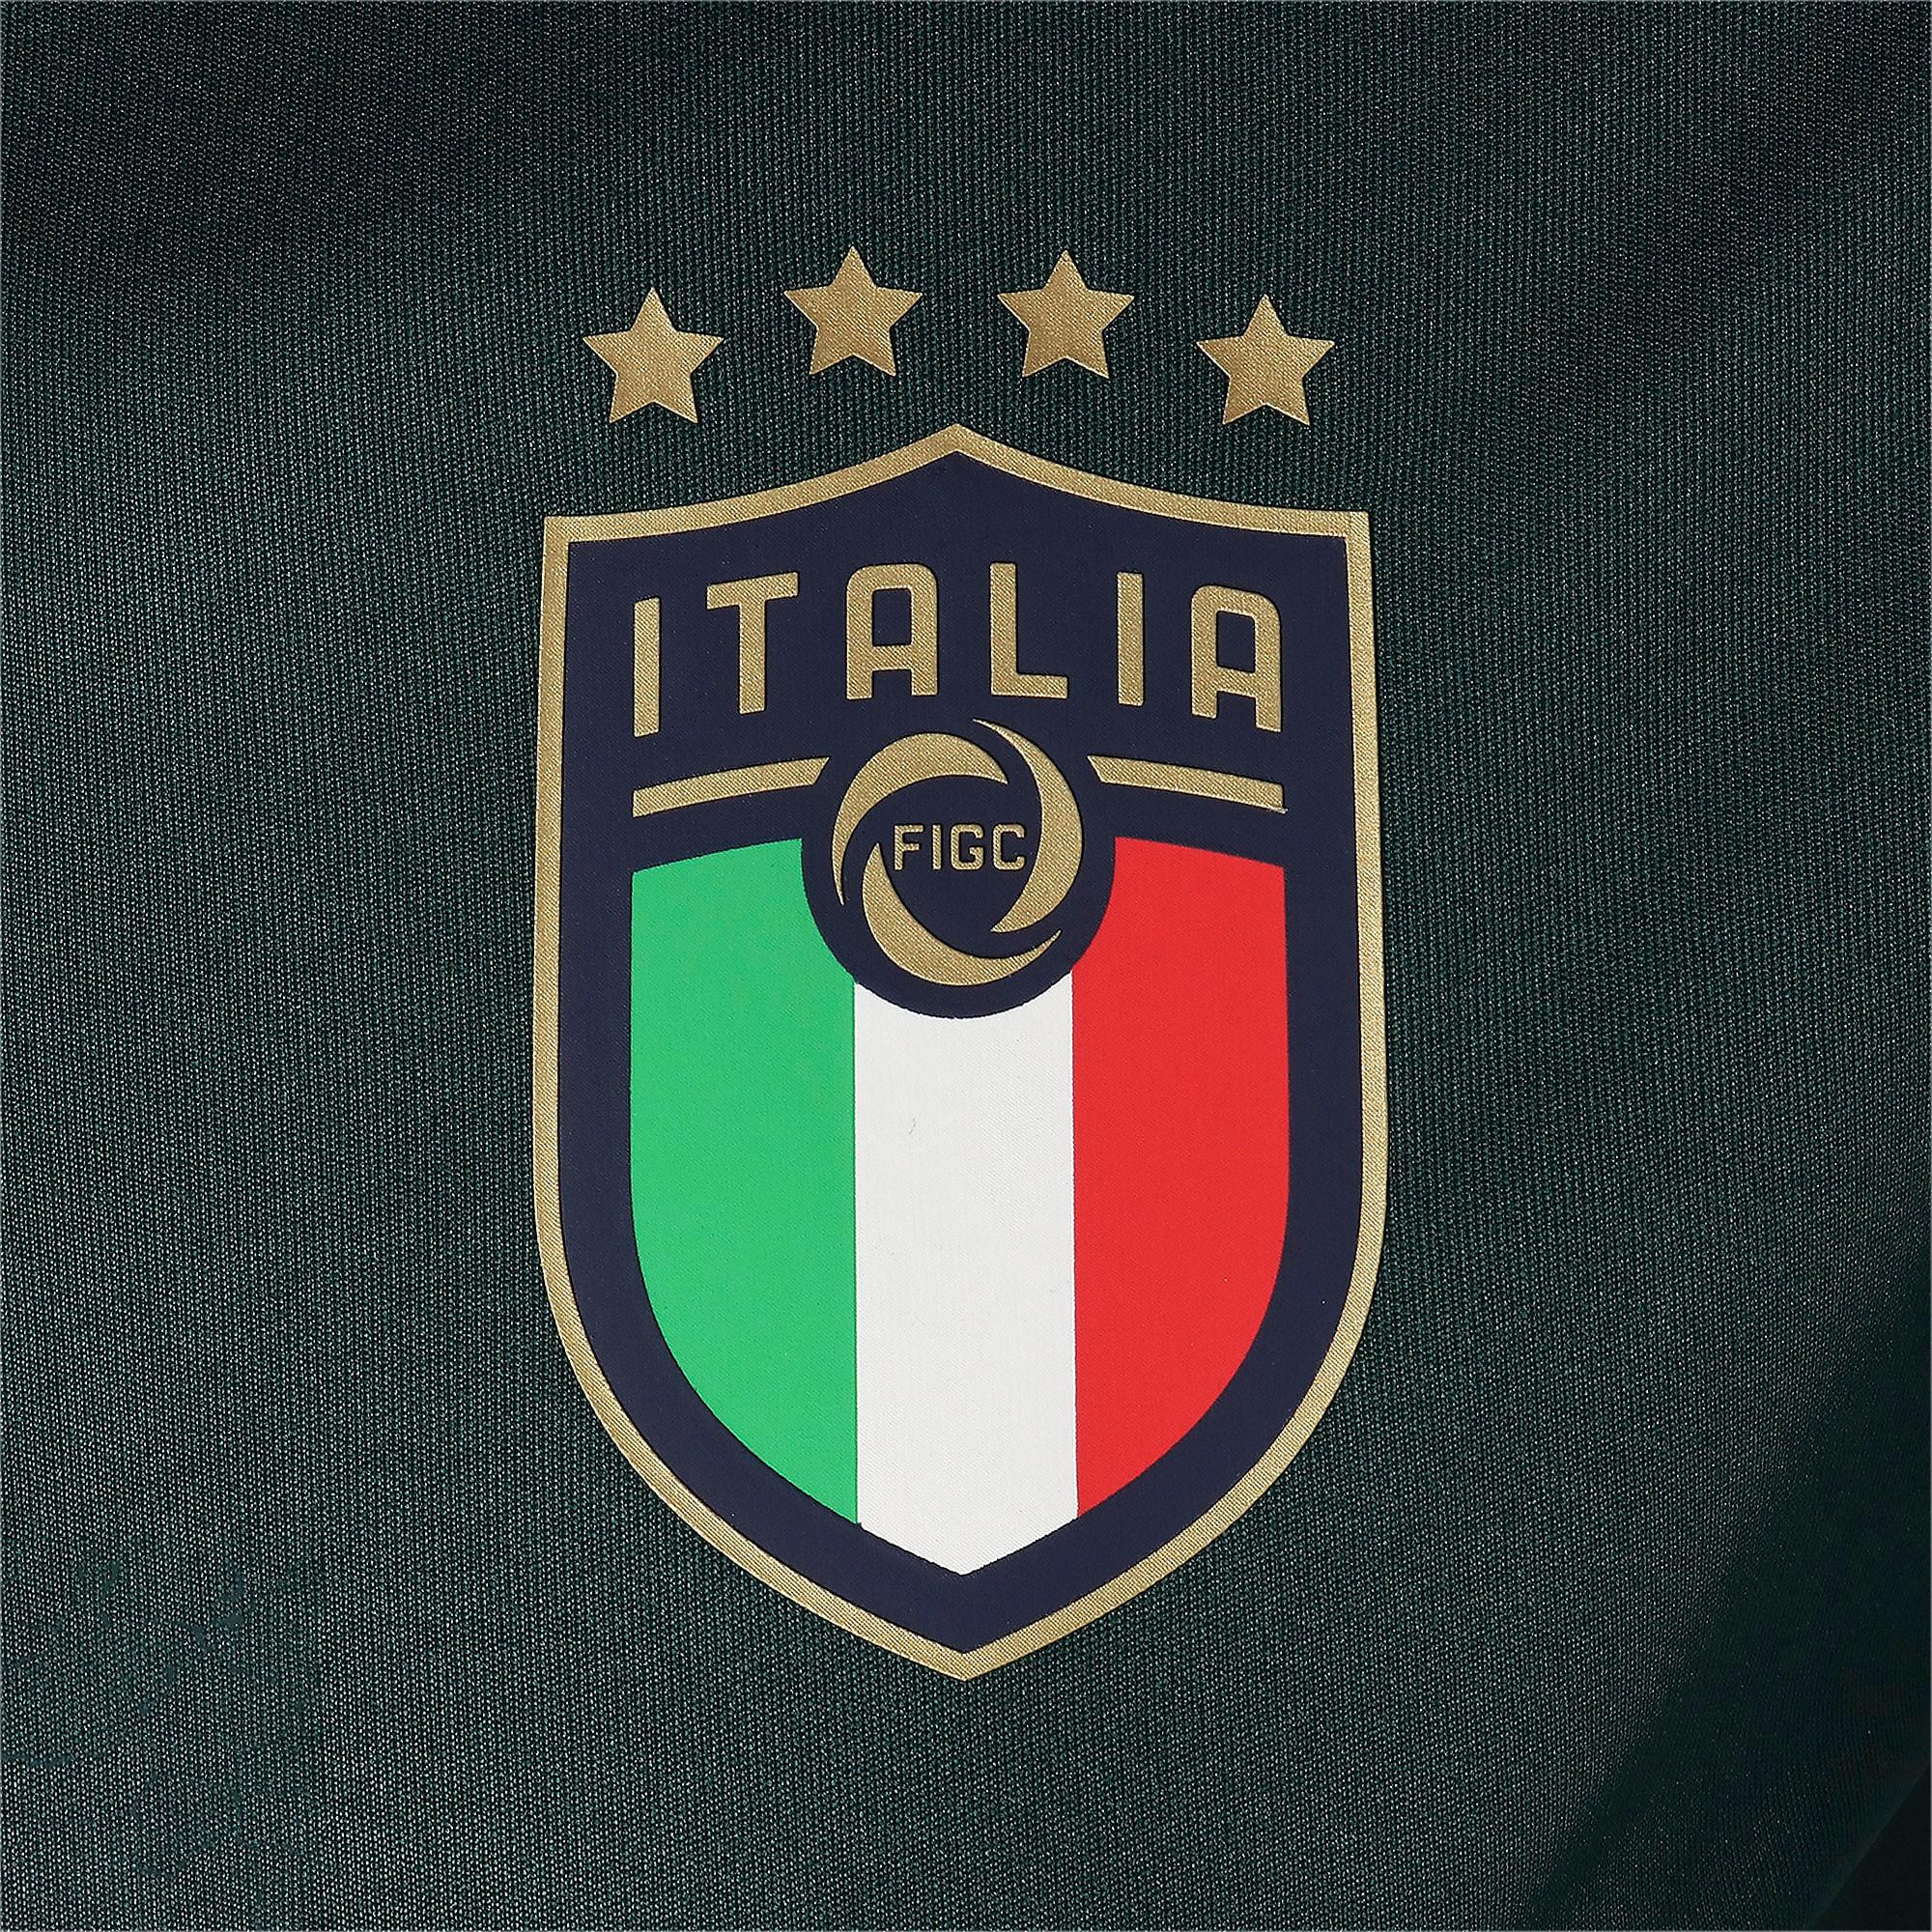 Thumbnail 7 of FIGC イタリア トレーニング シャツ, Ponderosa Pine-Peacoat, medium-JPN